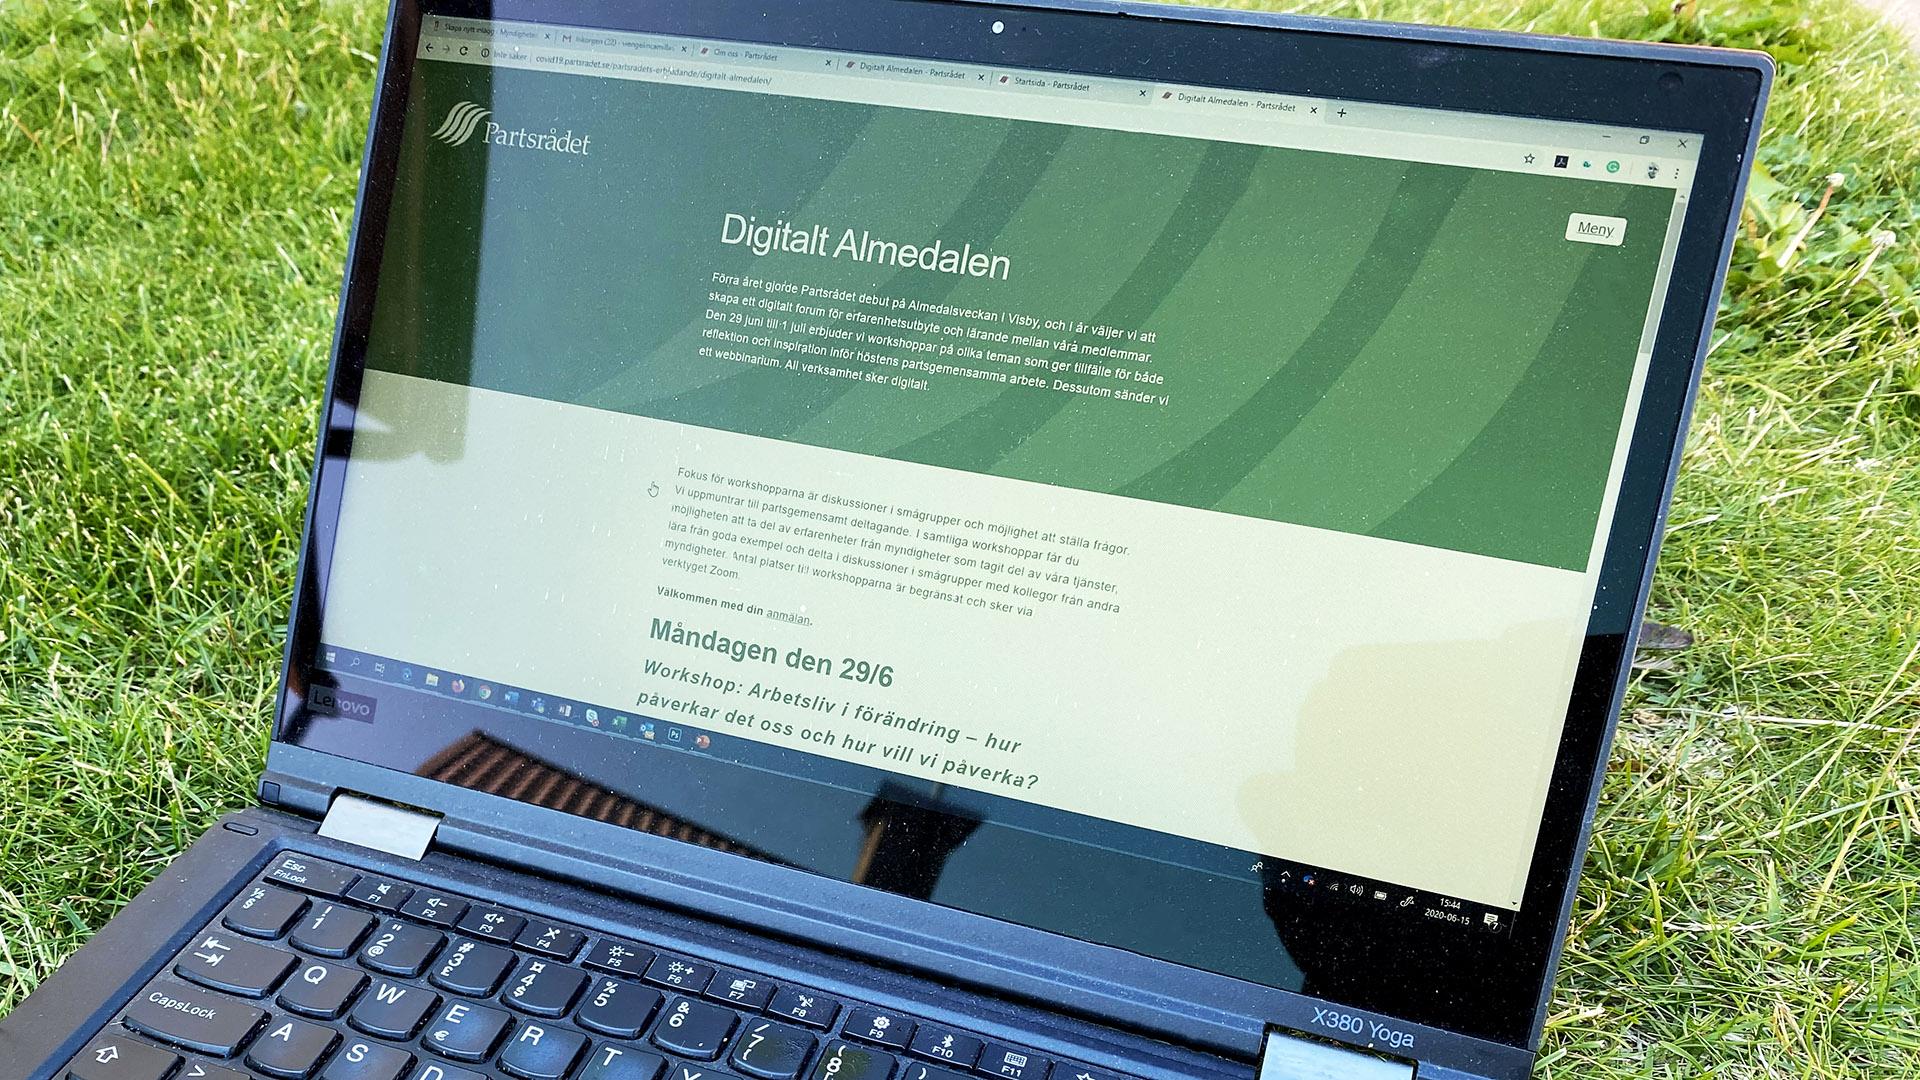 Laptopdator som besöker Partsrådets webbsida